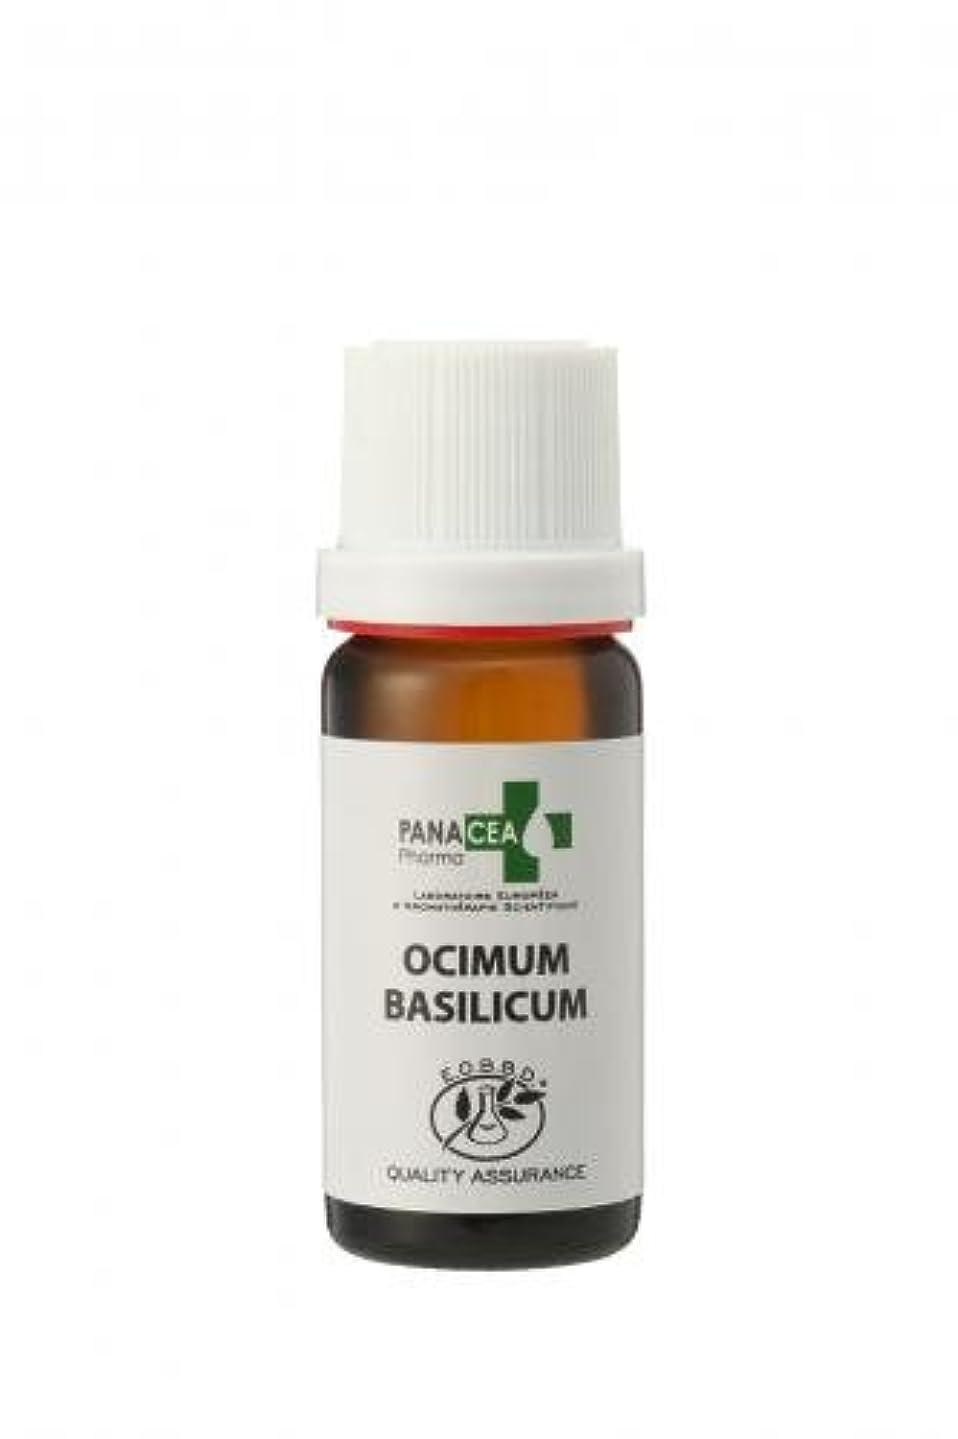 魅力的であることへのアピール可能性巧みなバジル メチルカビコール (Ocimum basilicum) 10ml エッセンシャルオイル PANACEA PHARMA パナセア ファルマ